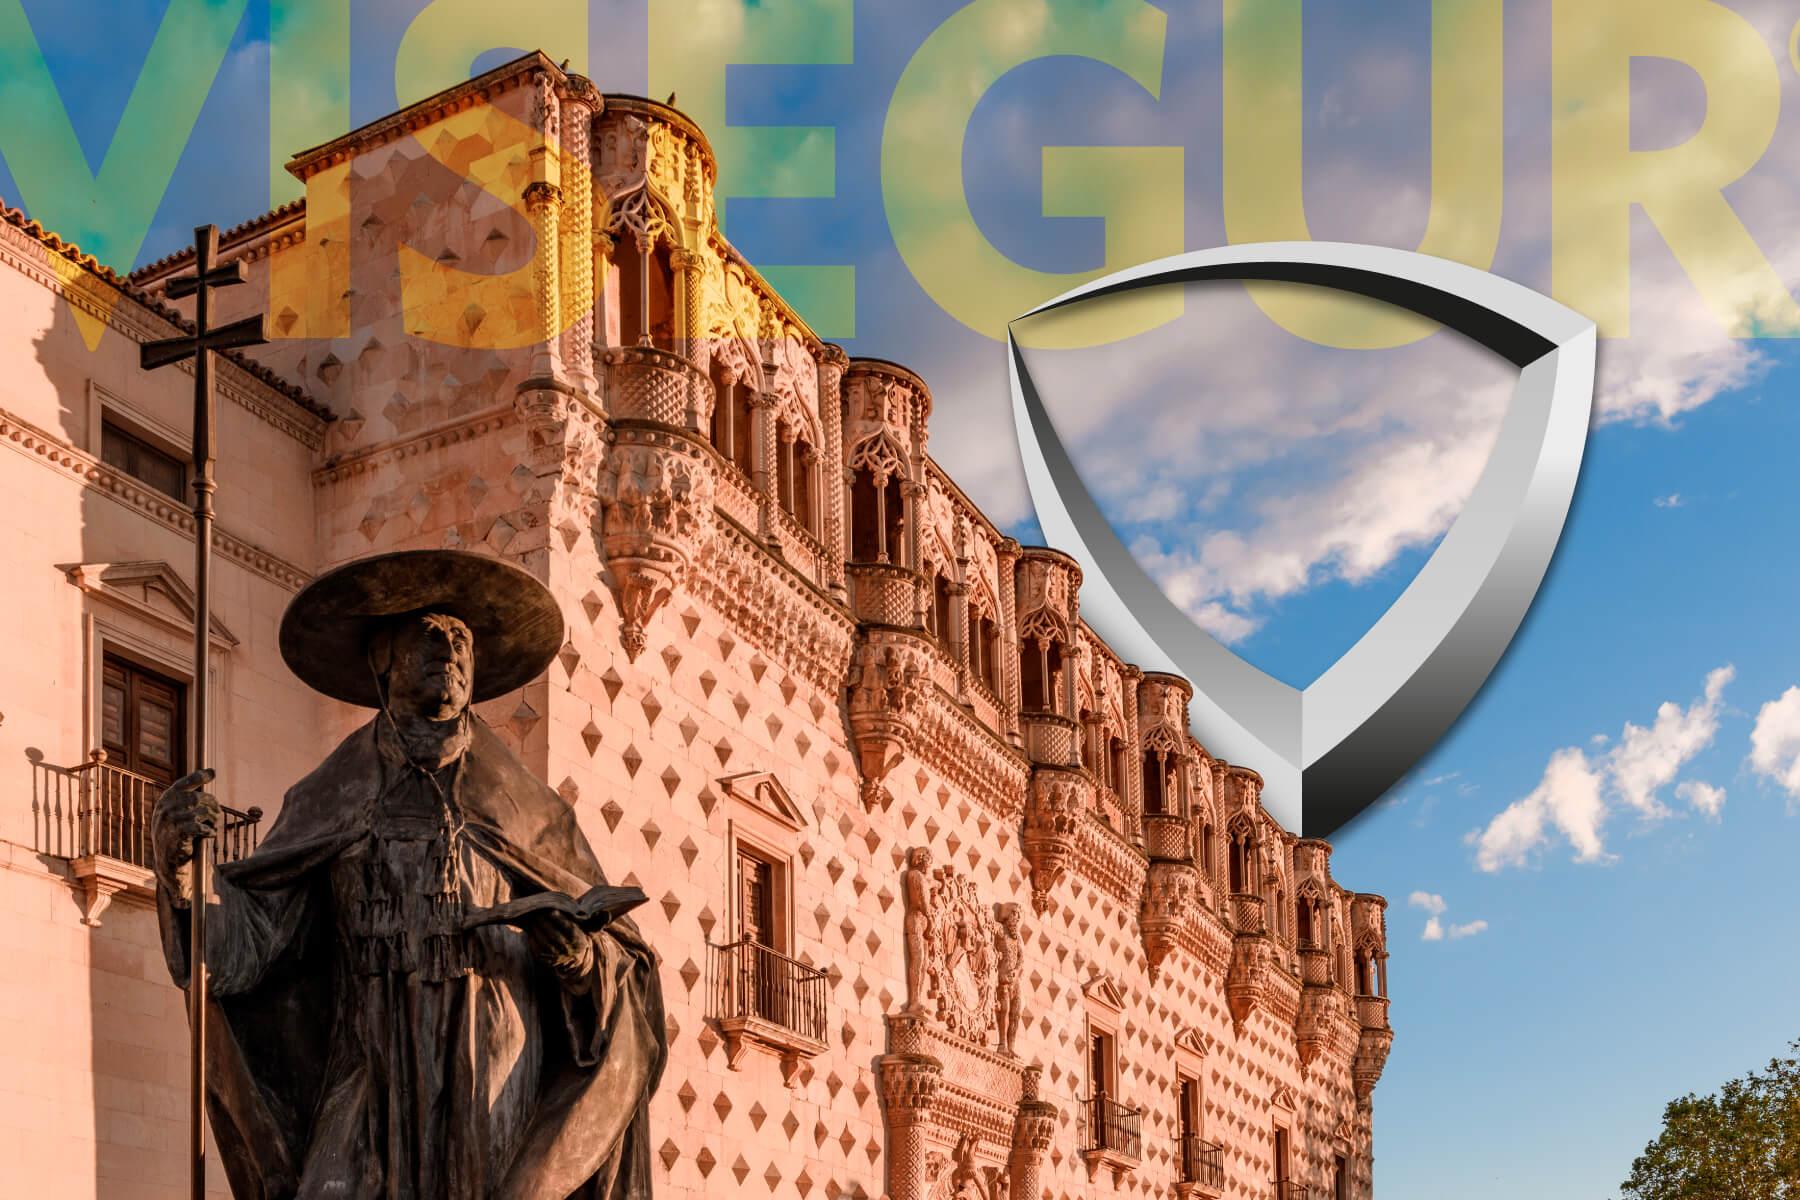 Alarmas para el hogar en Guadalajara: ¿qué necesitas saber?